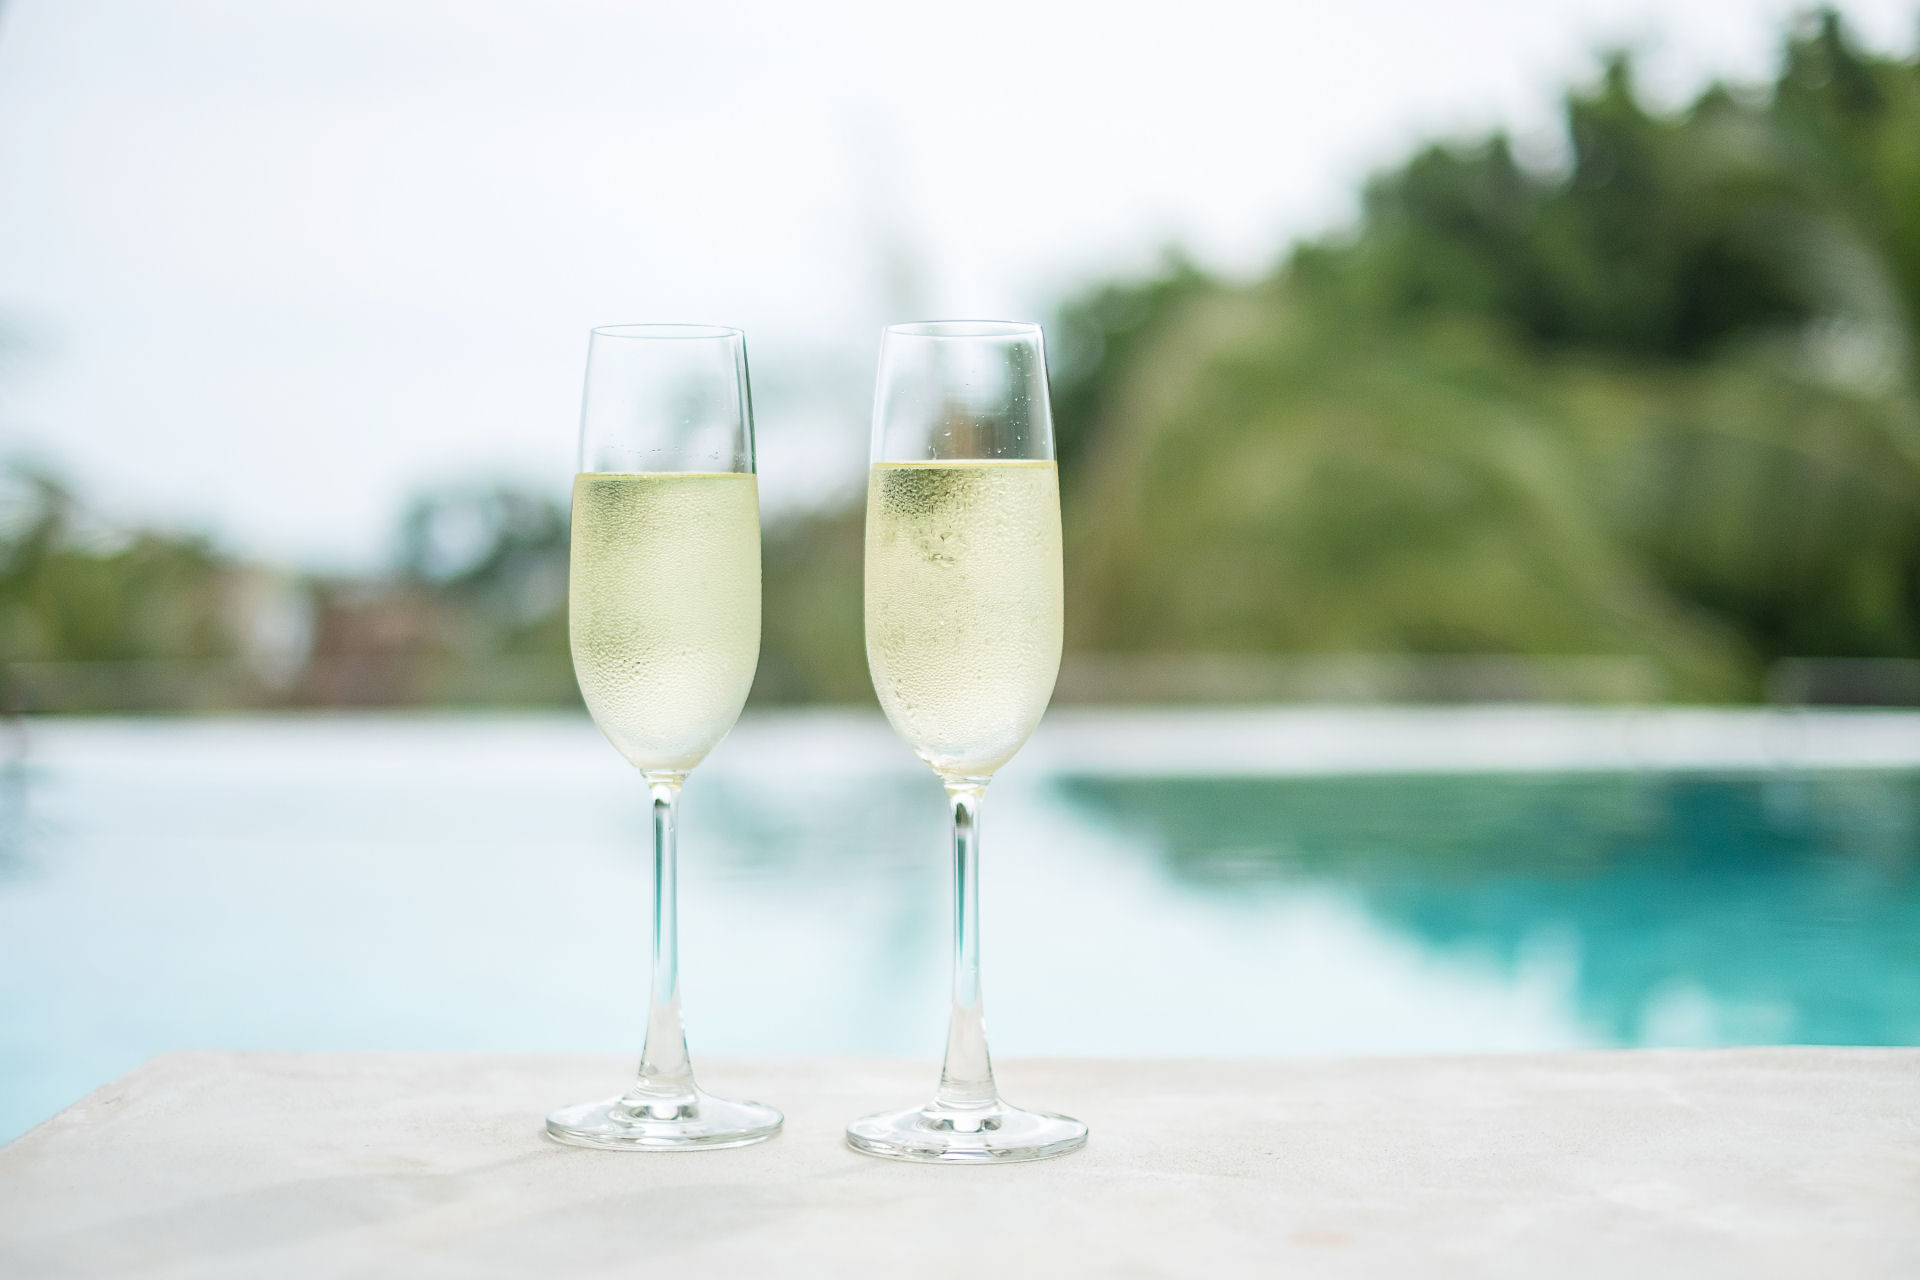 <p><strong>ITALSKÁ PERLIVÁ VÍNA</strong><br /> Jako jediná vinotéka v Opavě máme v nabídce<br /> italská perlivá stáčená vína!</p>